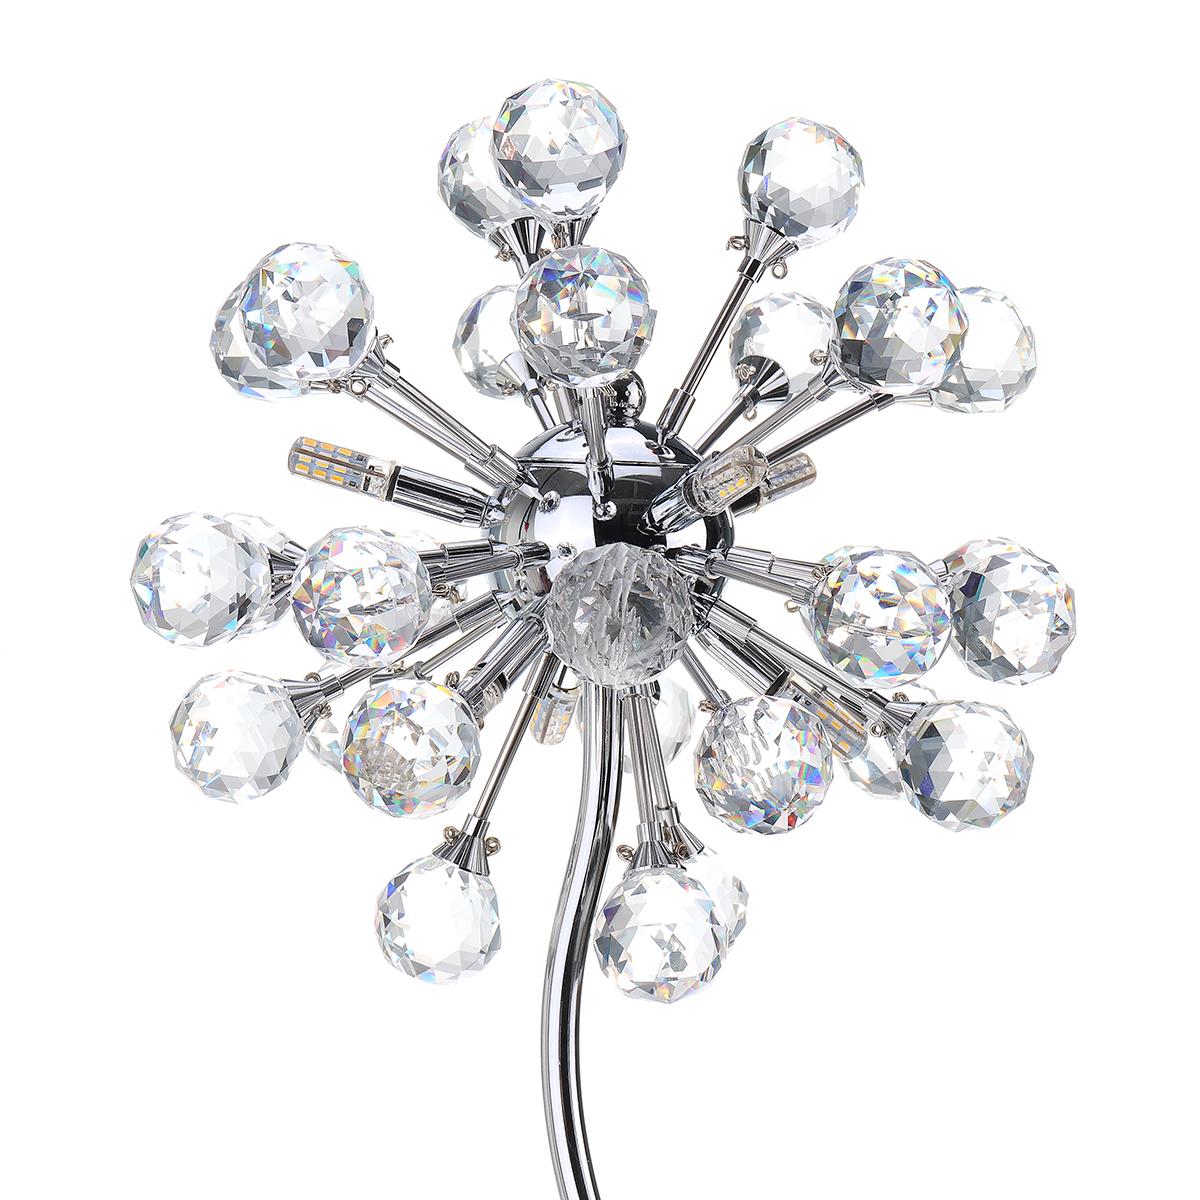 Modern Crystal Ball Led Table Light Desk Lamp Reading Home